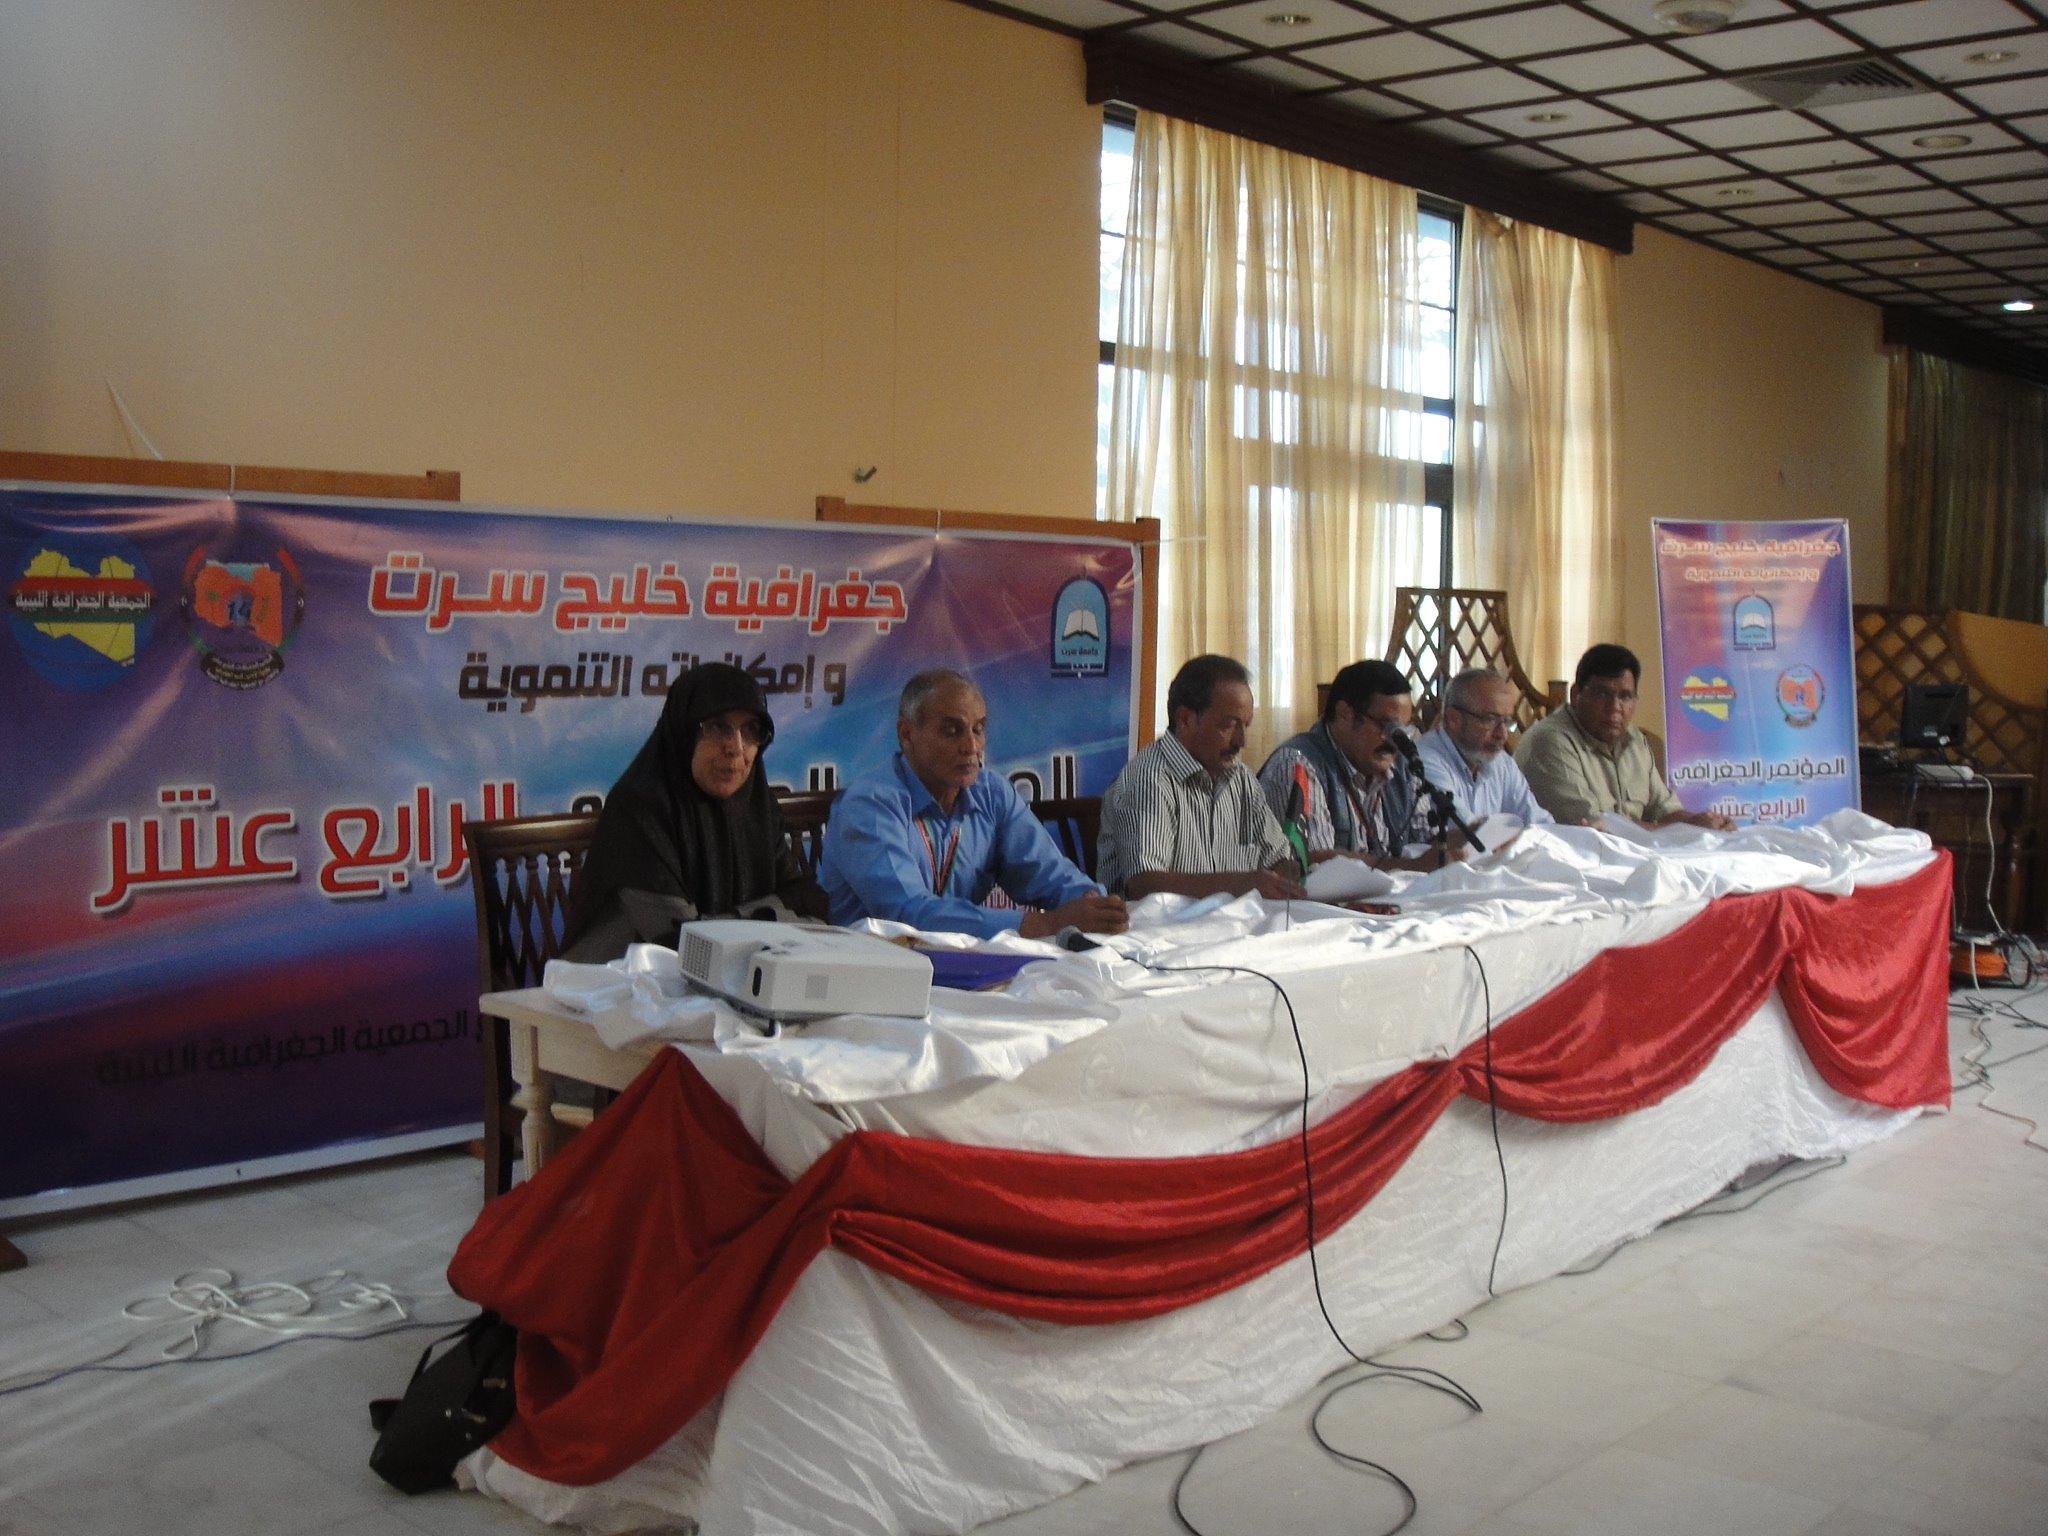 الجمعية الجغرافية الليبية- صورة إرشيفية